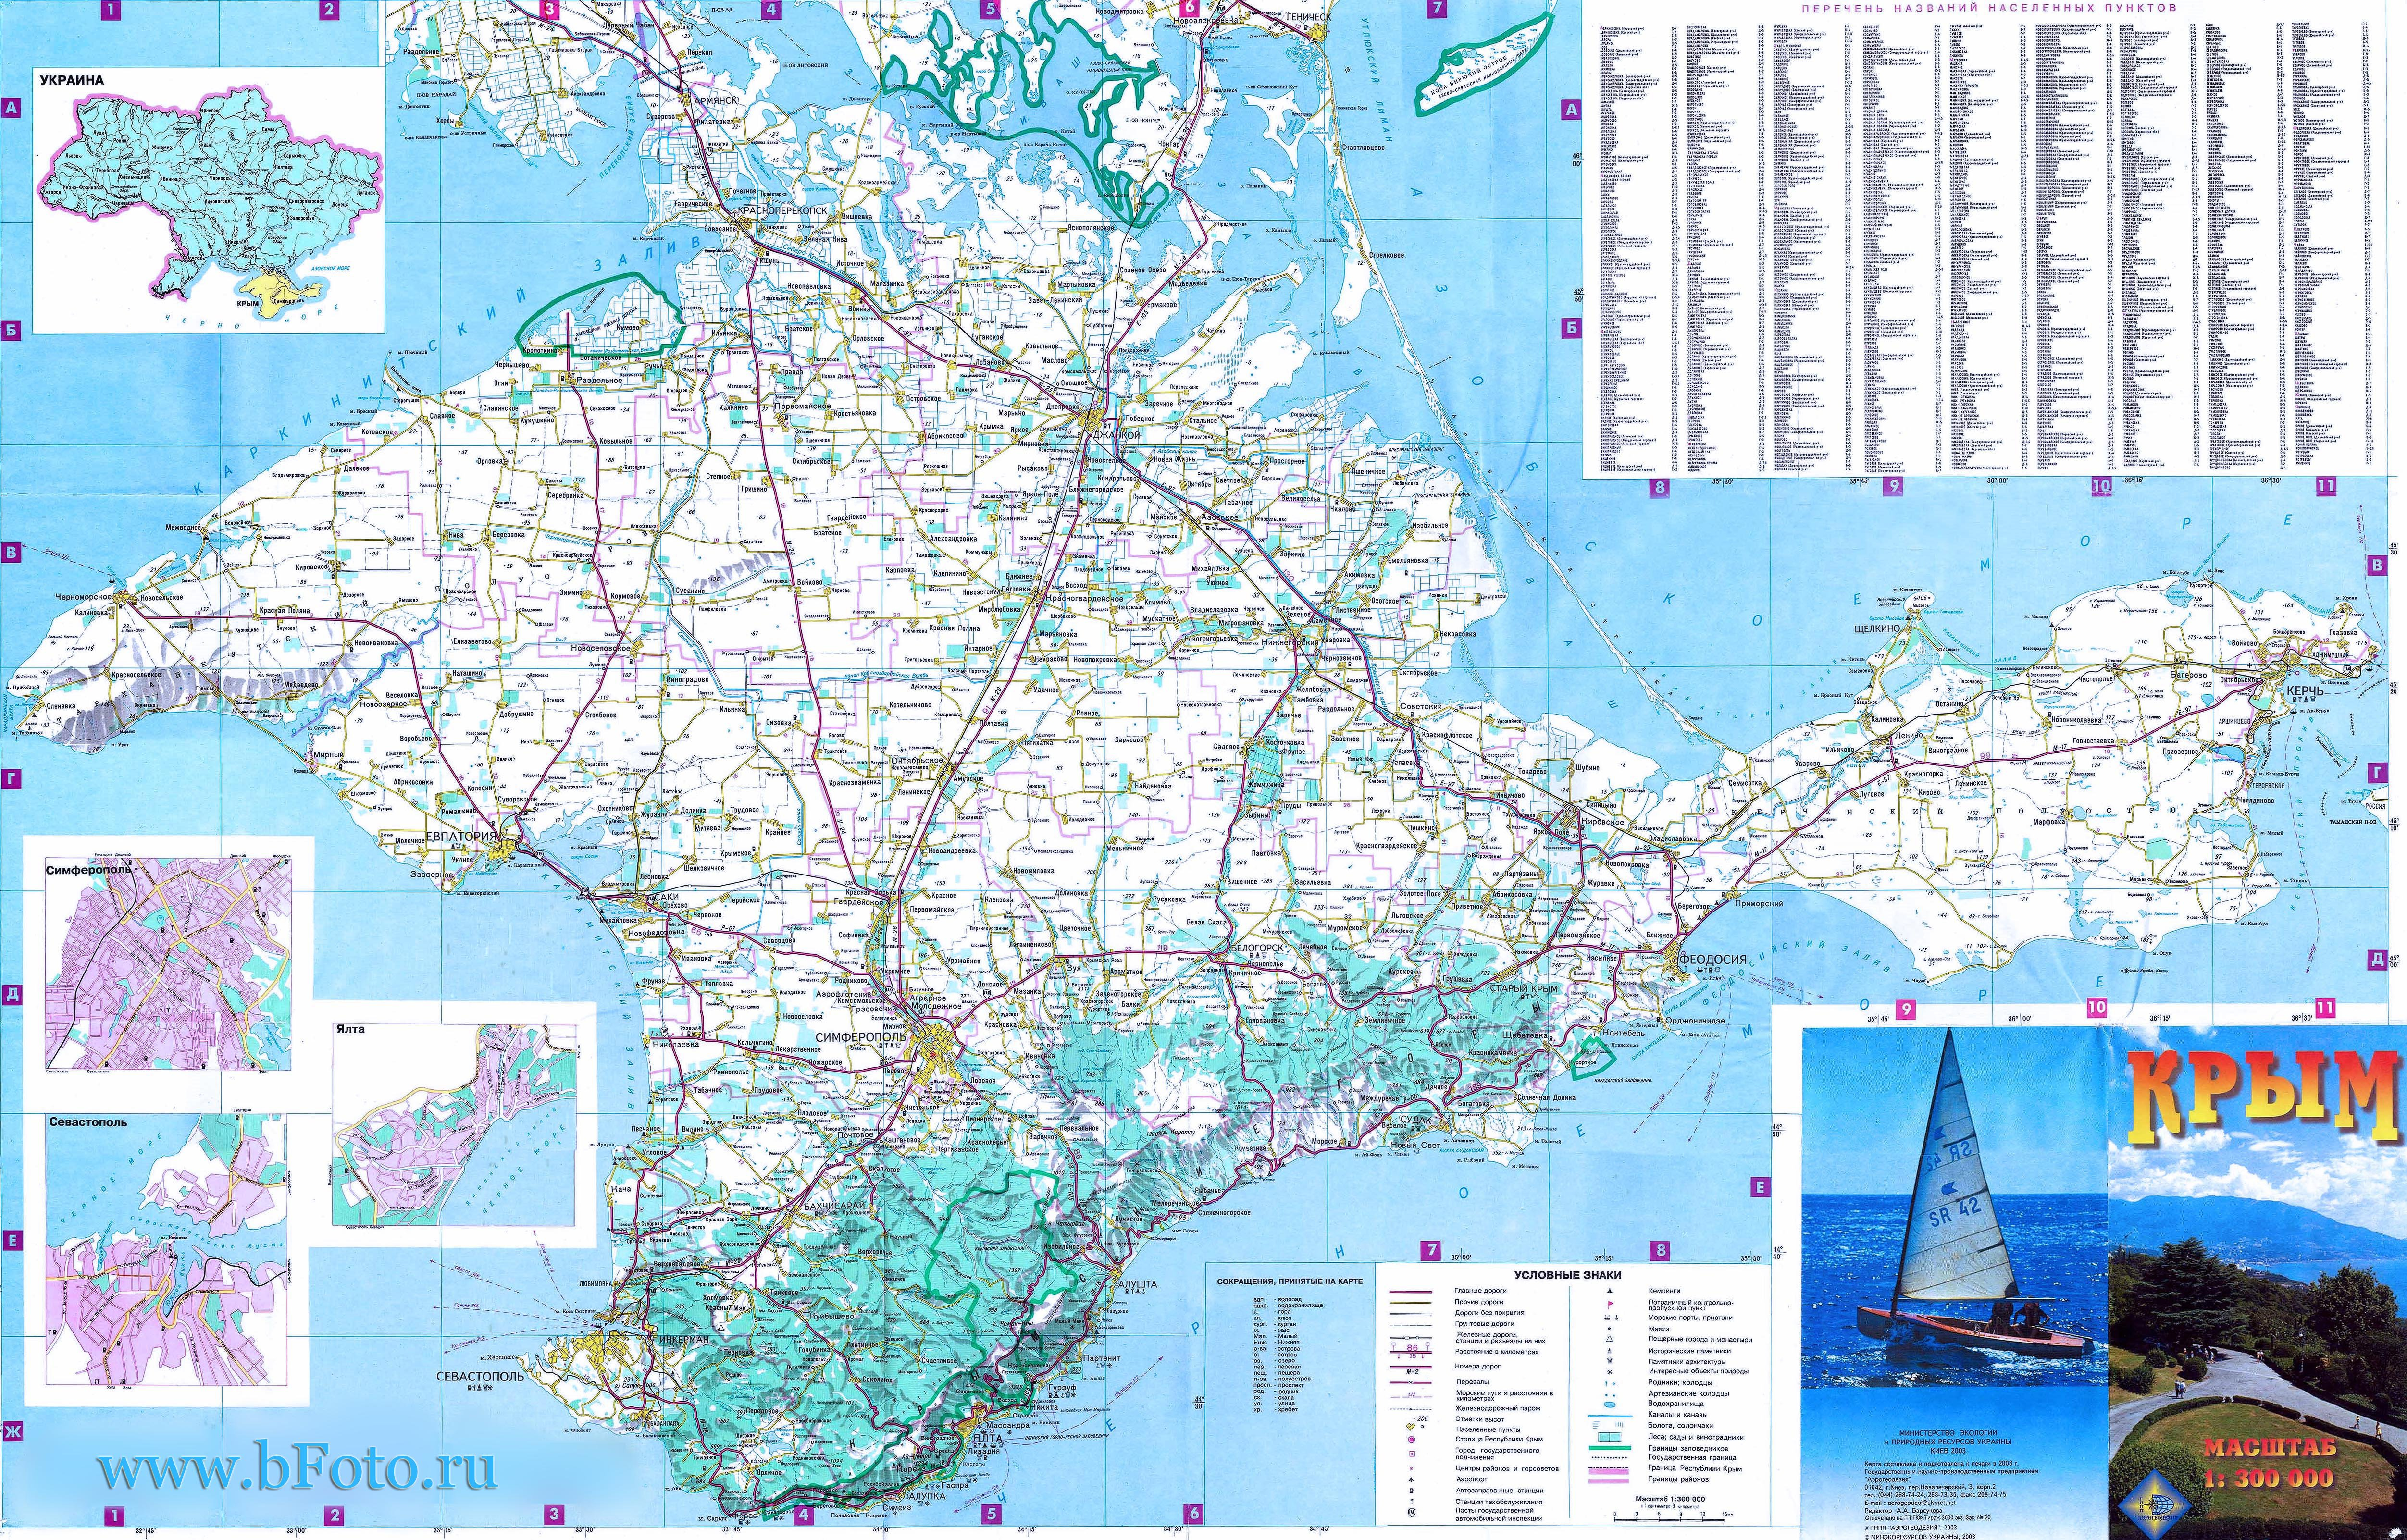 Карта Крыма. Подробная карта Крыма на русском языке с ...